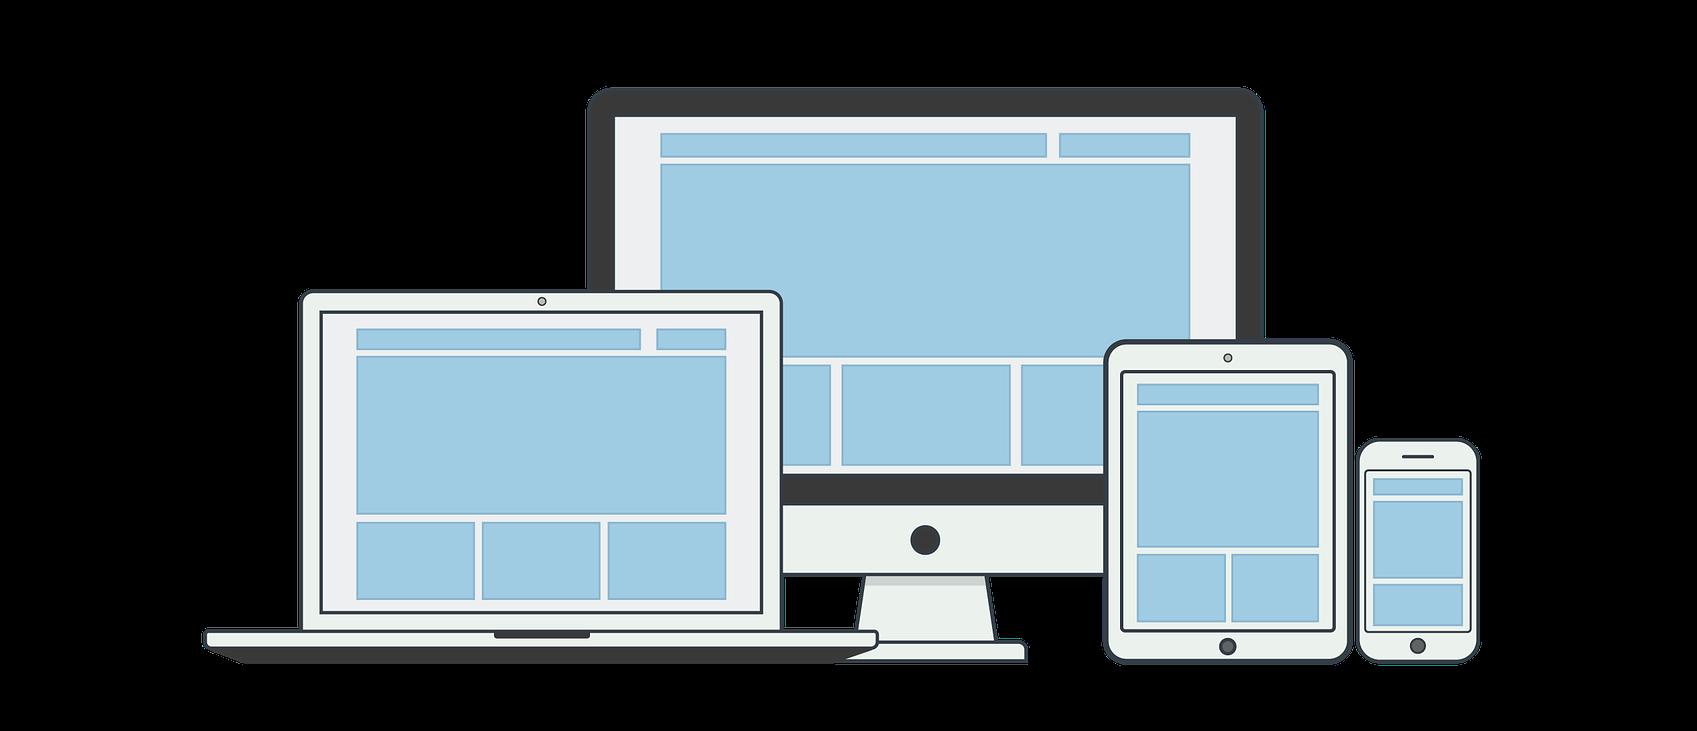 Hoe koop je een slechte website?